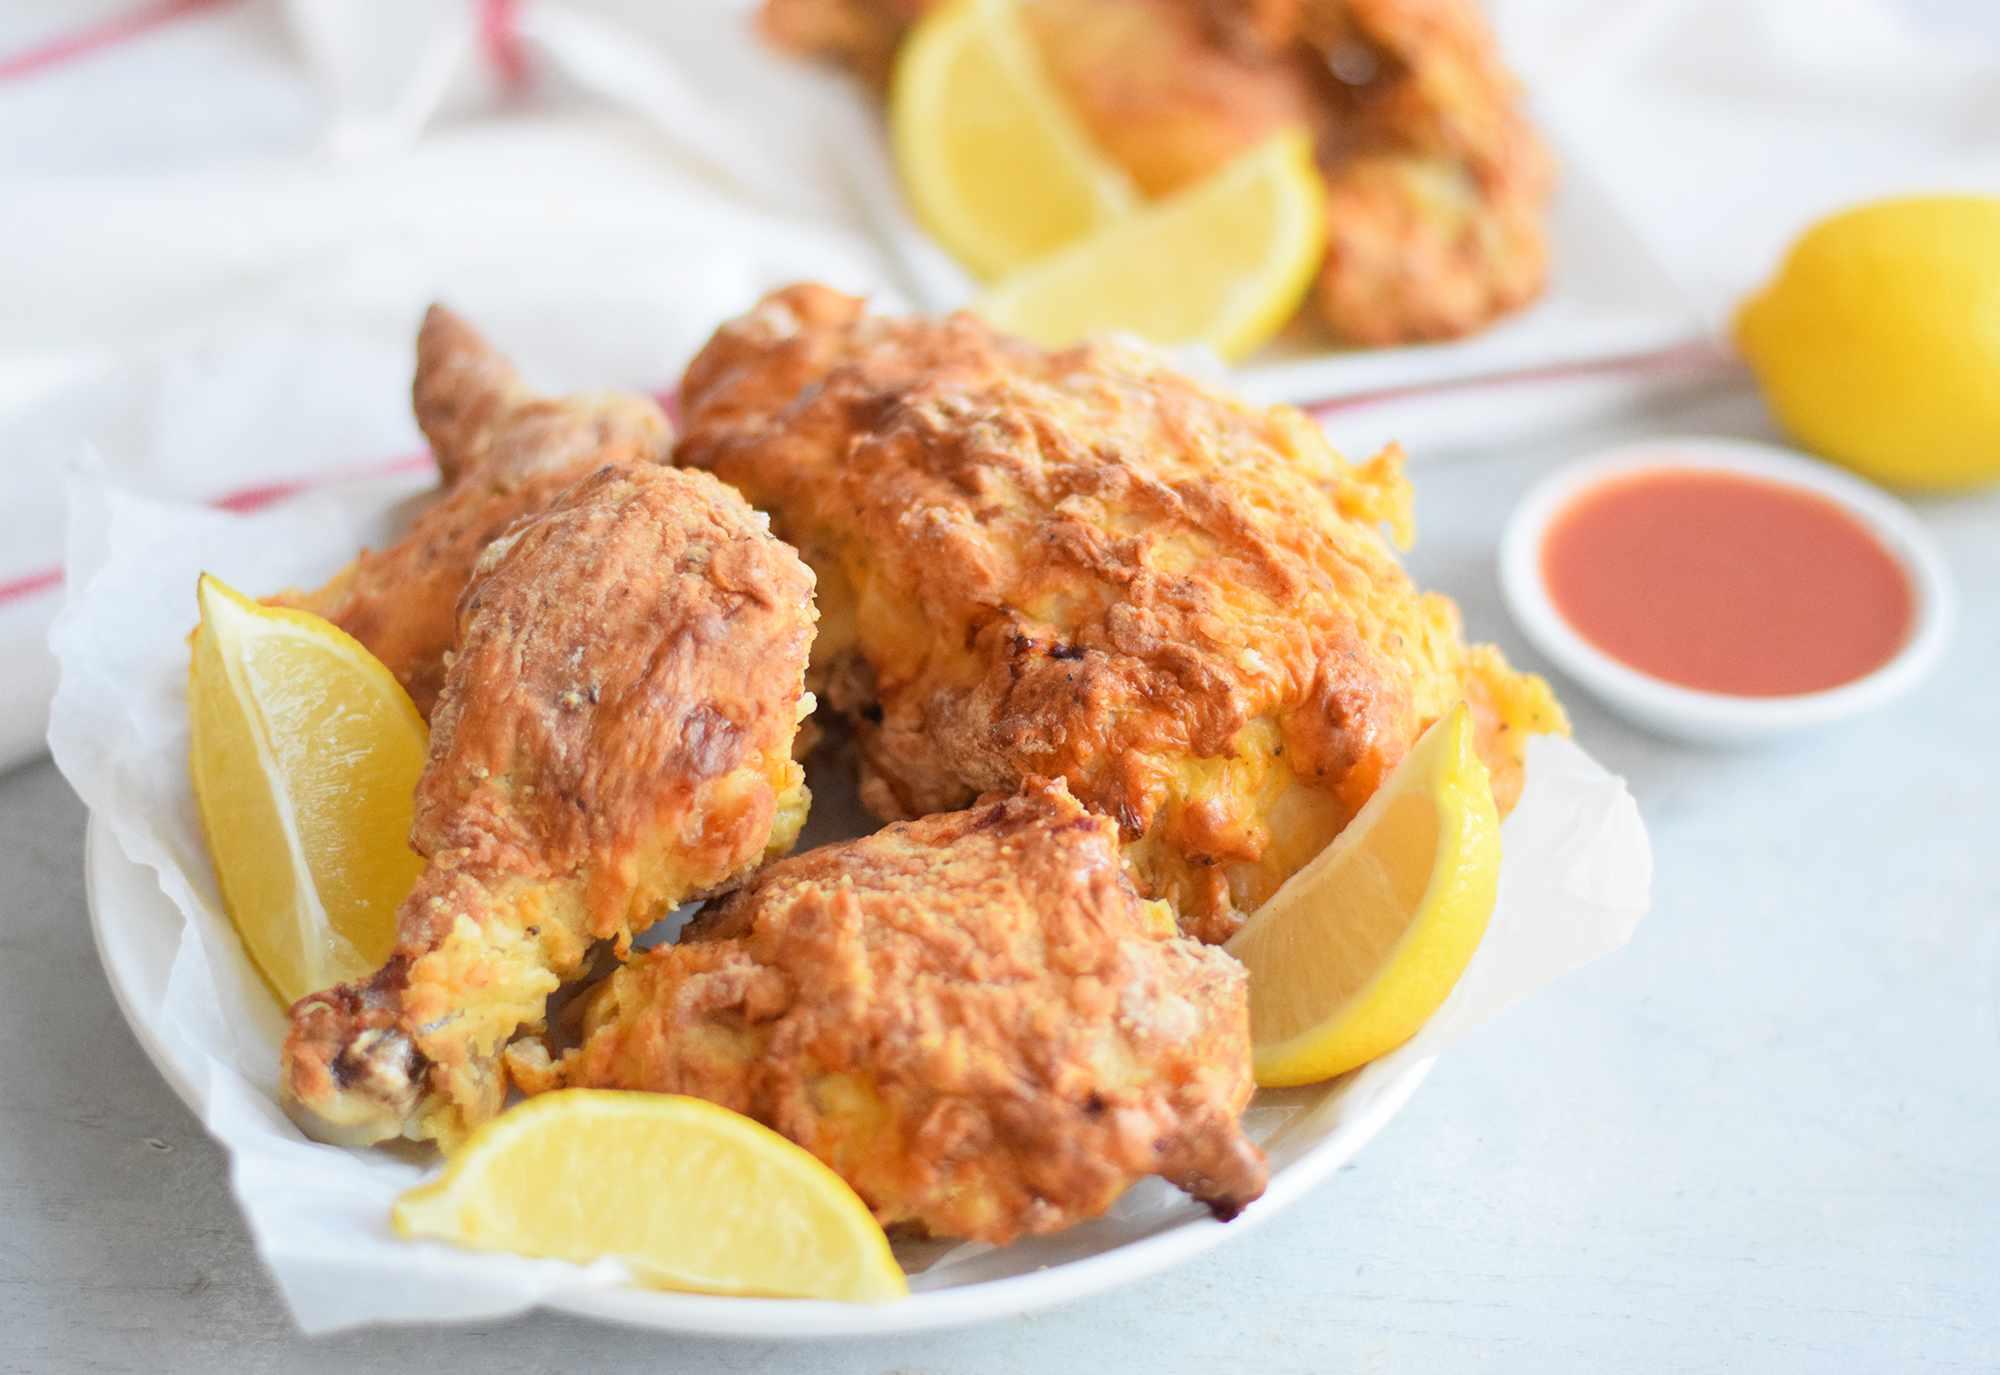 air-fryer-fried-chicken-4777789-11